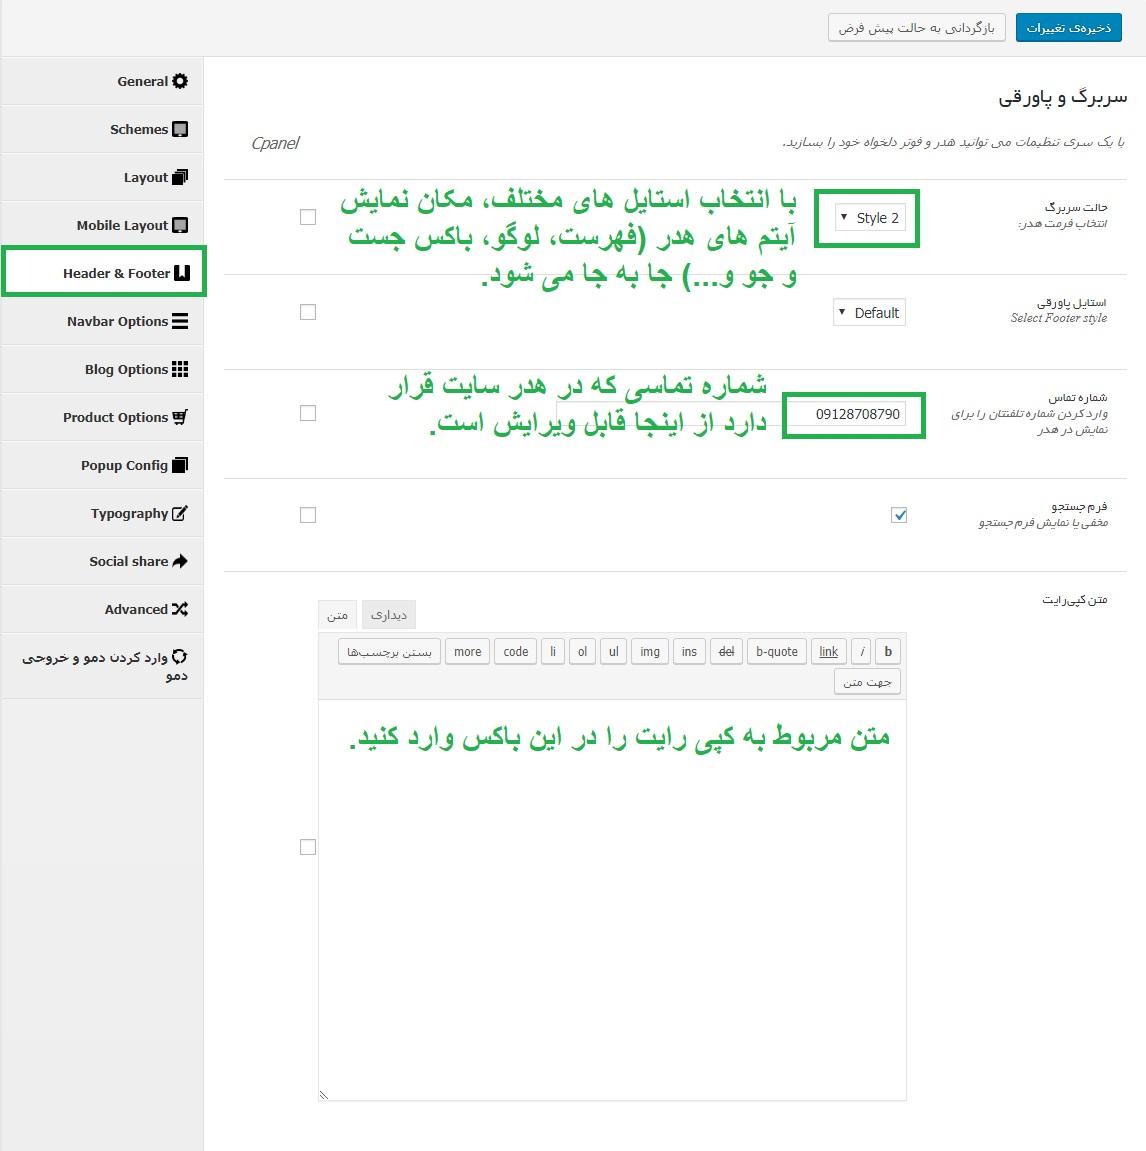 تنظیمات قالب مکس شاپ - تب Header & Footer